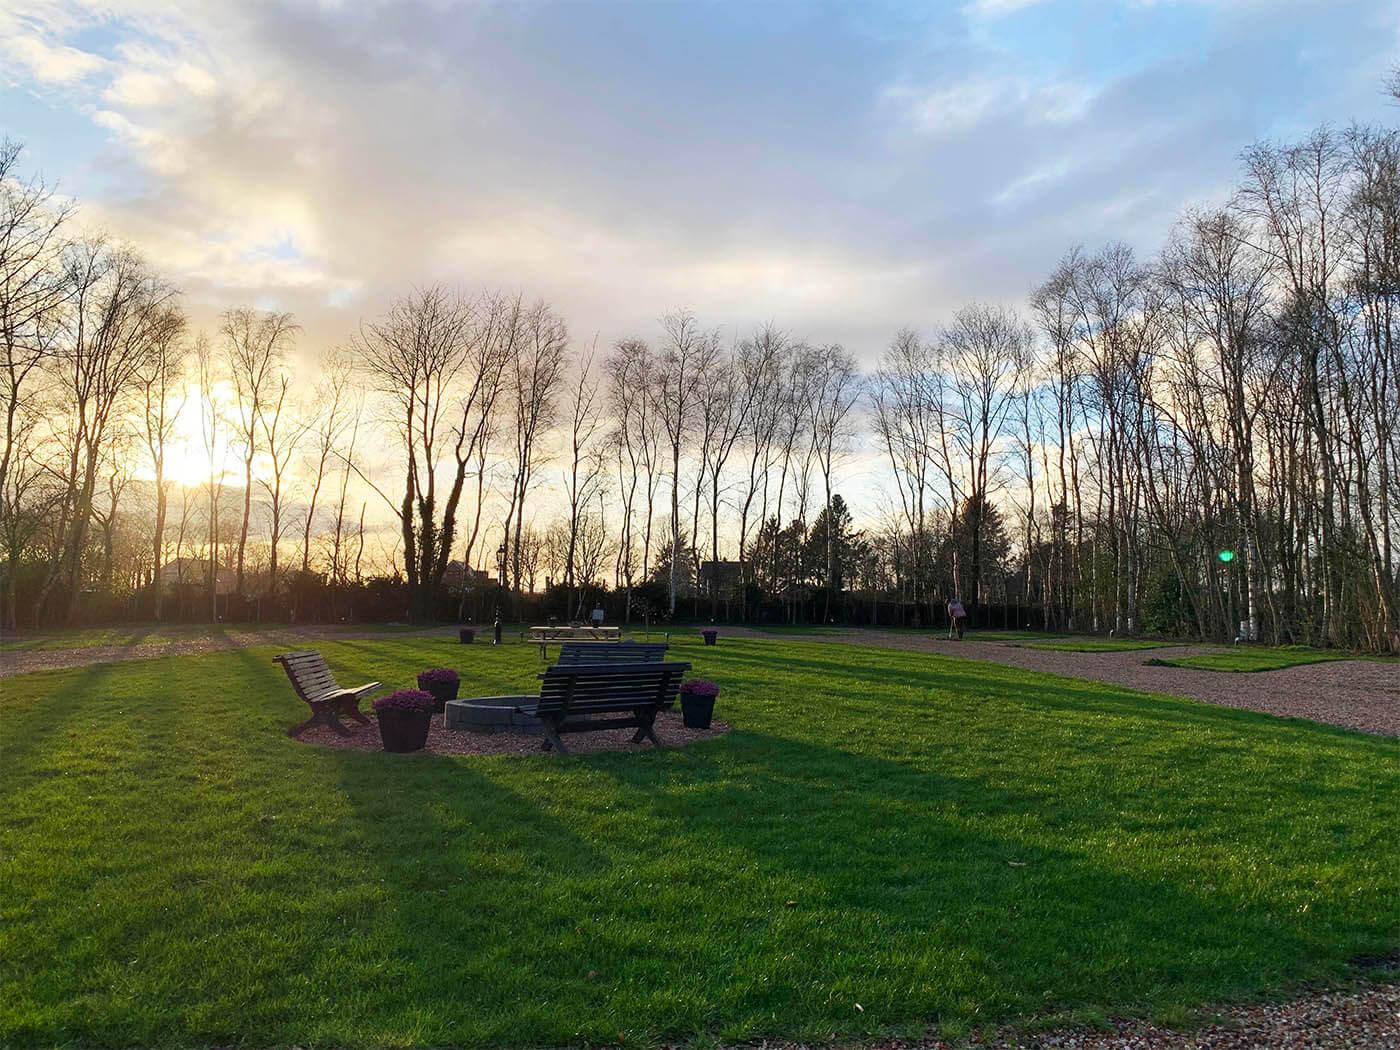 Het park bij zonsondergang